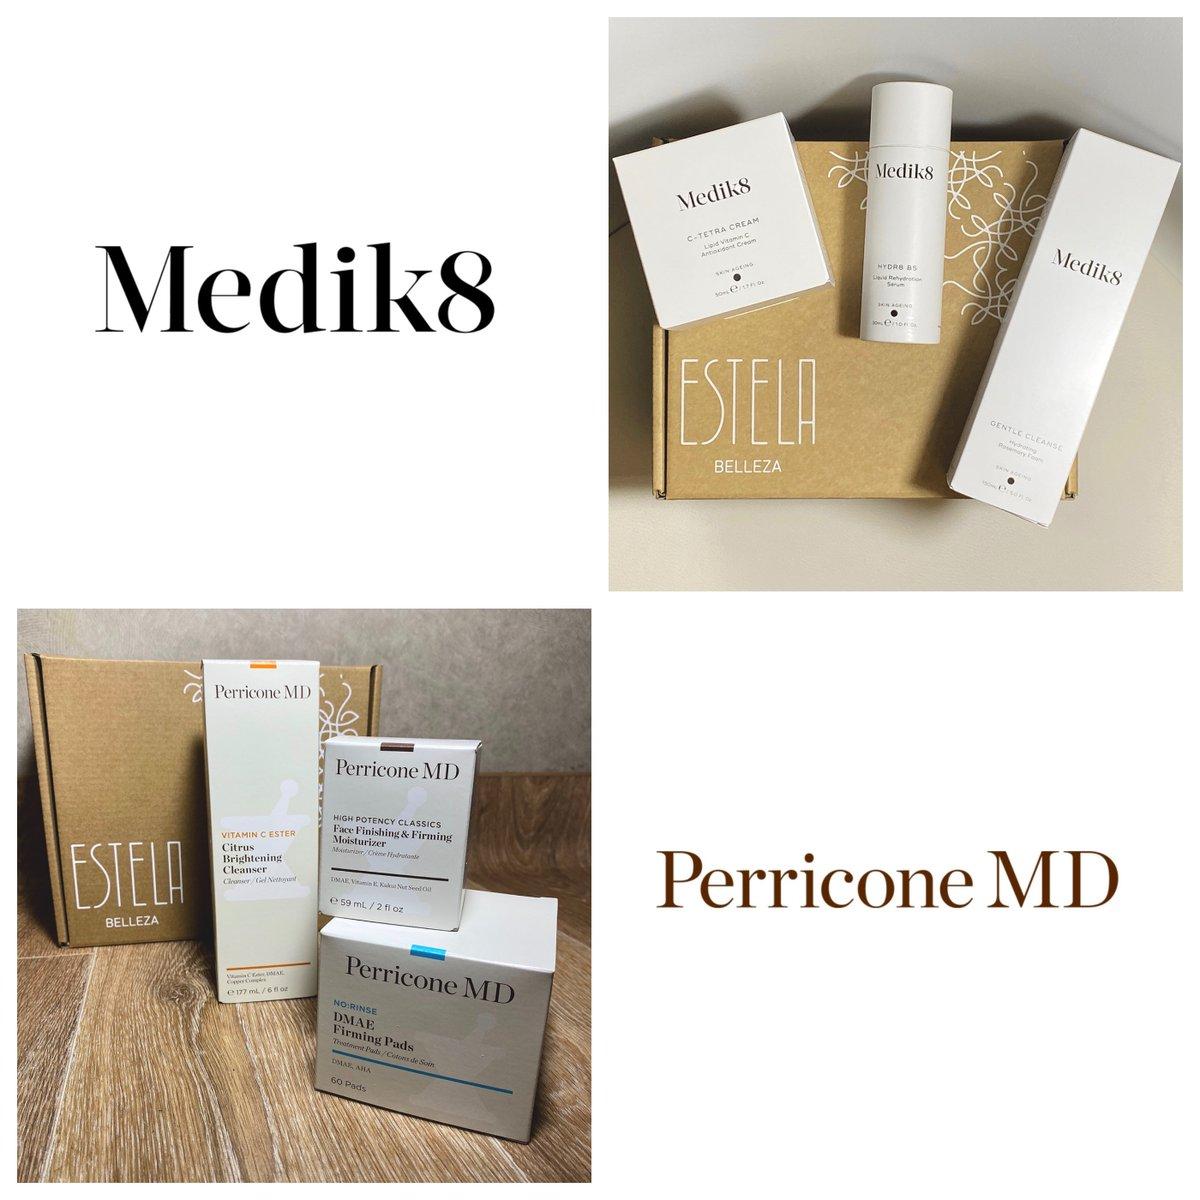 ¡ATENCIÓN! ¡SORTEO! Sí, algo así ☺️👏🏻: A partir de hoy, por cada producto adquirido en nuestro centro, de @Medik8_es  y/o @PerriconeMD_es , os haremos entrega de un ticket numerado, con el que participaréis en el sorteo de un lote de productos de dichas marcas. 🧵👇(1/4) #sorteo